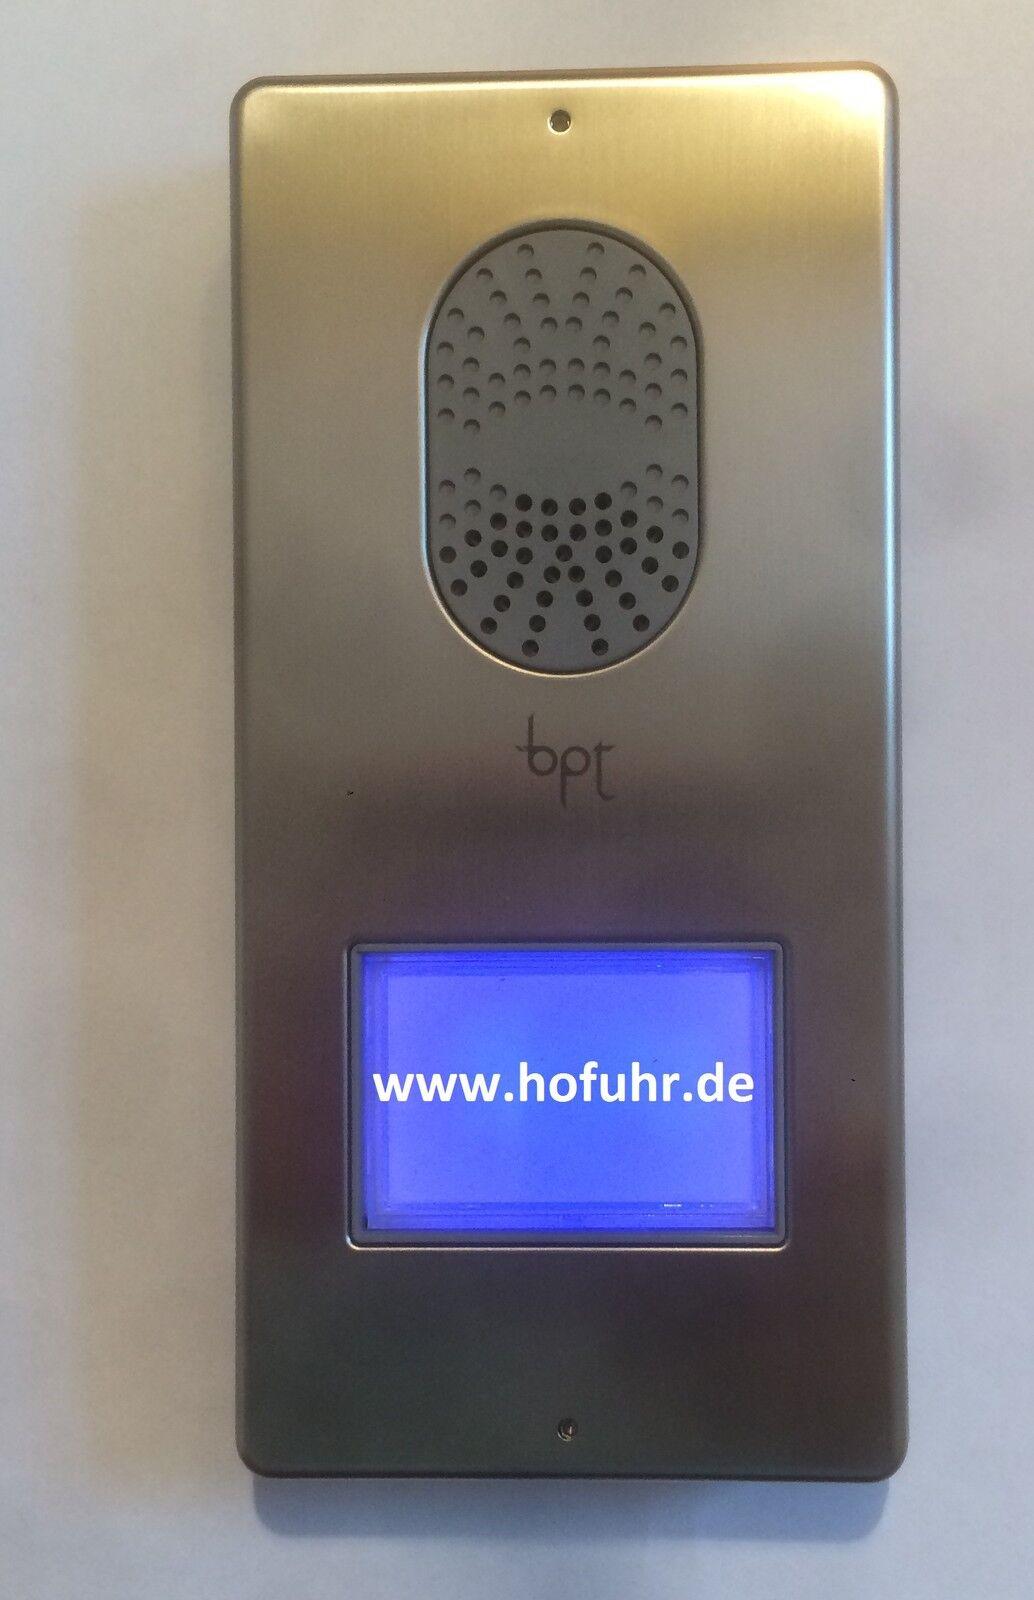 Bpt Wechselsprechanlage Einfamilienhaus LITHOS/AGATA Edelstahlfront, komplett